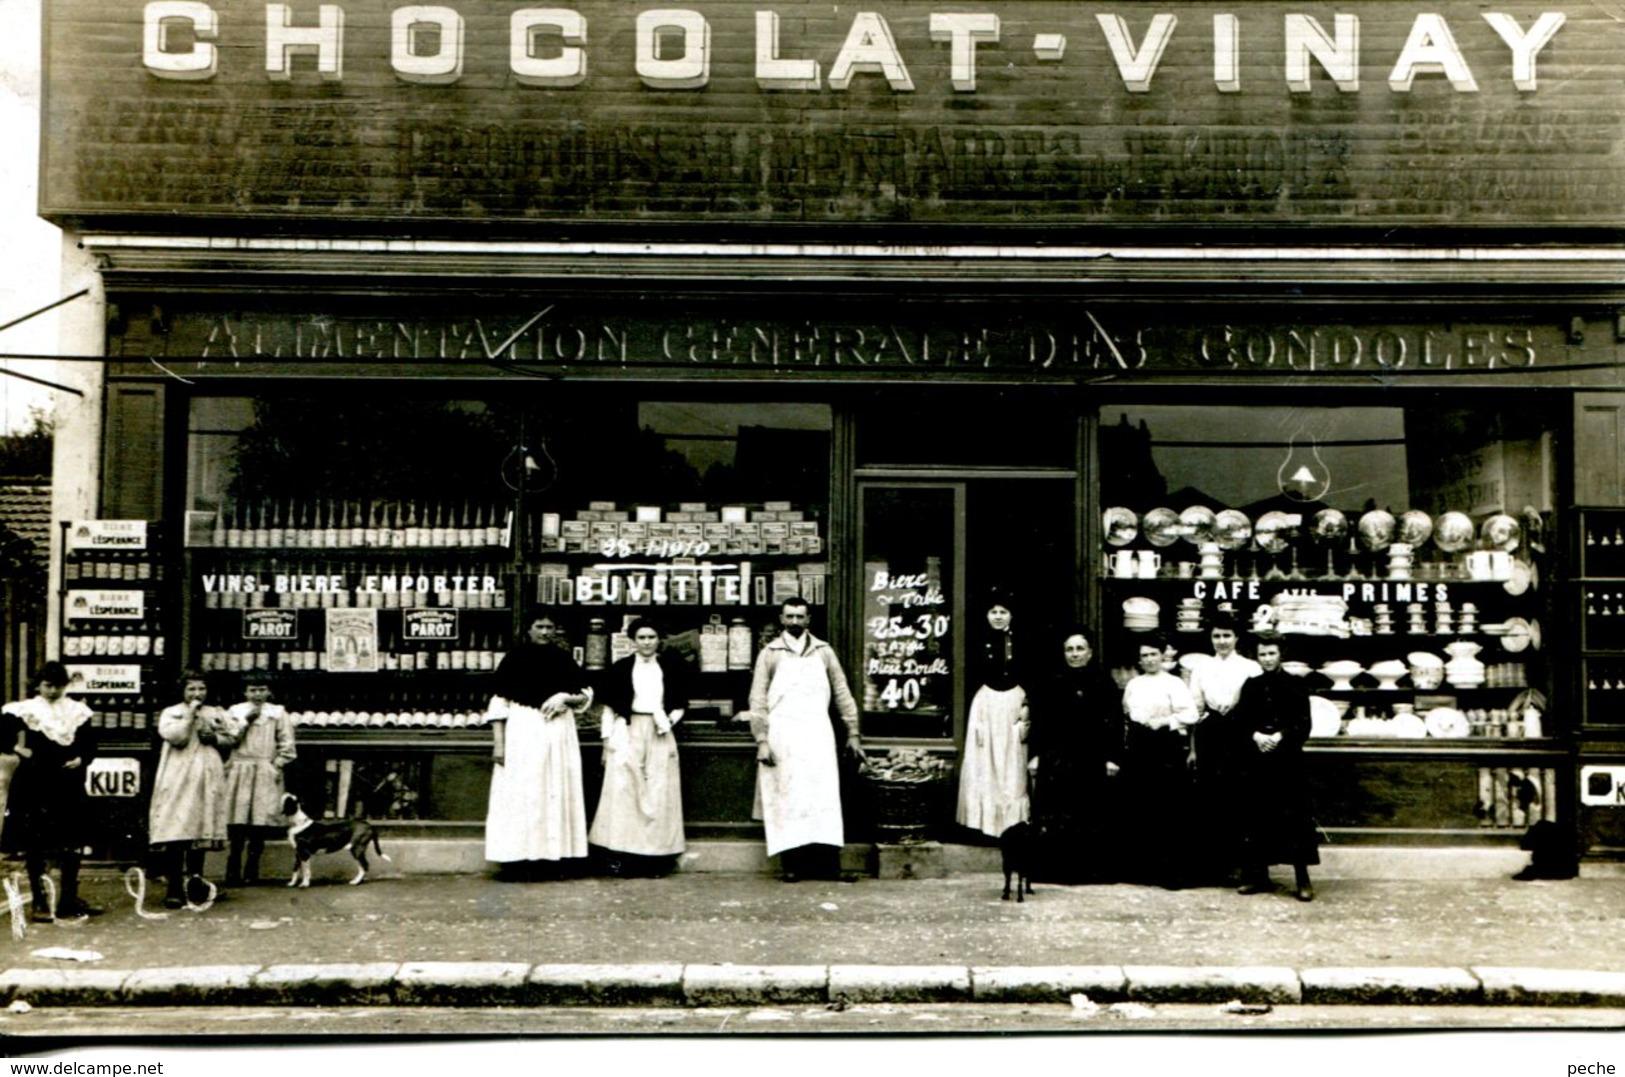 N°66620 -carte Photo Le Havre -chocolat Vinay -alimentation Générale Des Gondoles -1910- Rue Suffrene- - Other